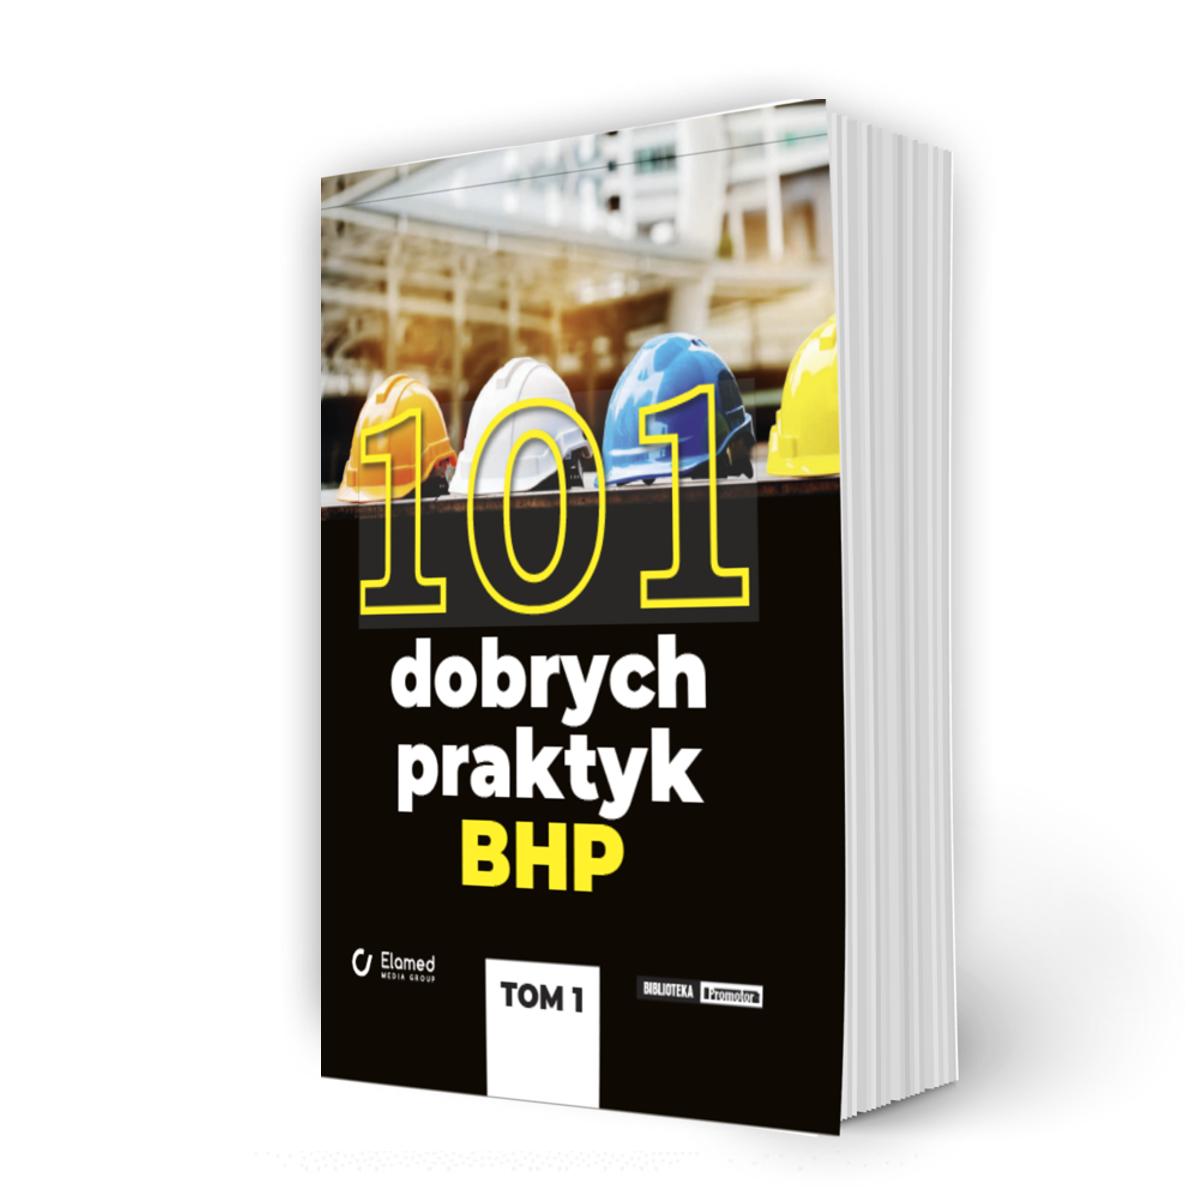 101 dobrych praktyk BHP I